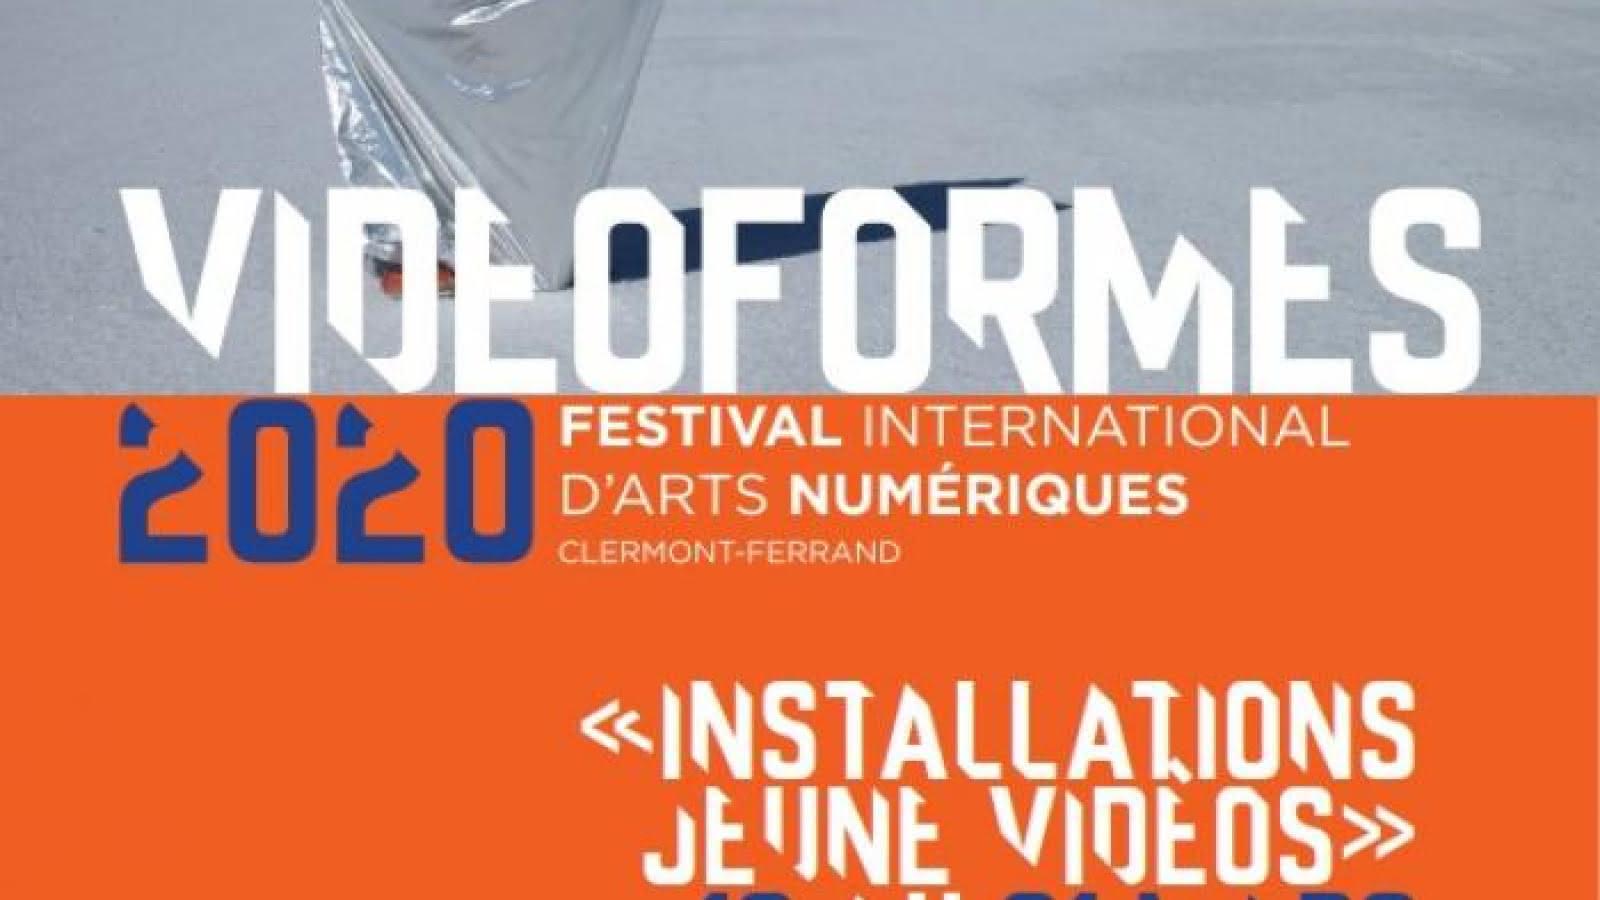 [SUSPENDU] Centre Camille-Claudel : Exposition Vidéoformes - Installations Jeune Vidéos